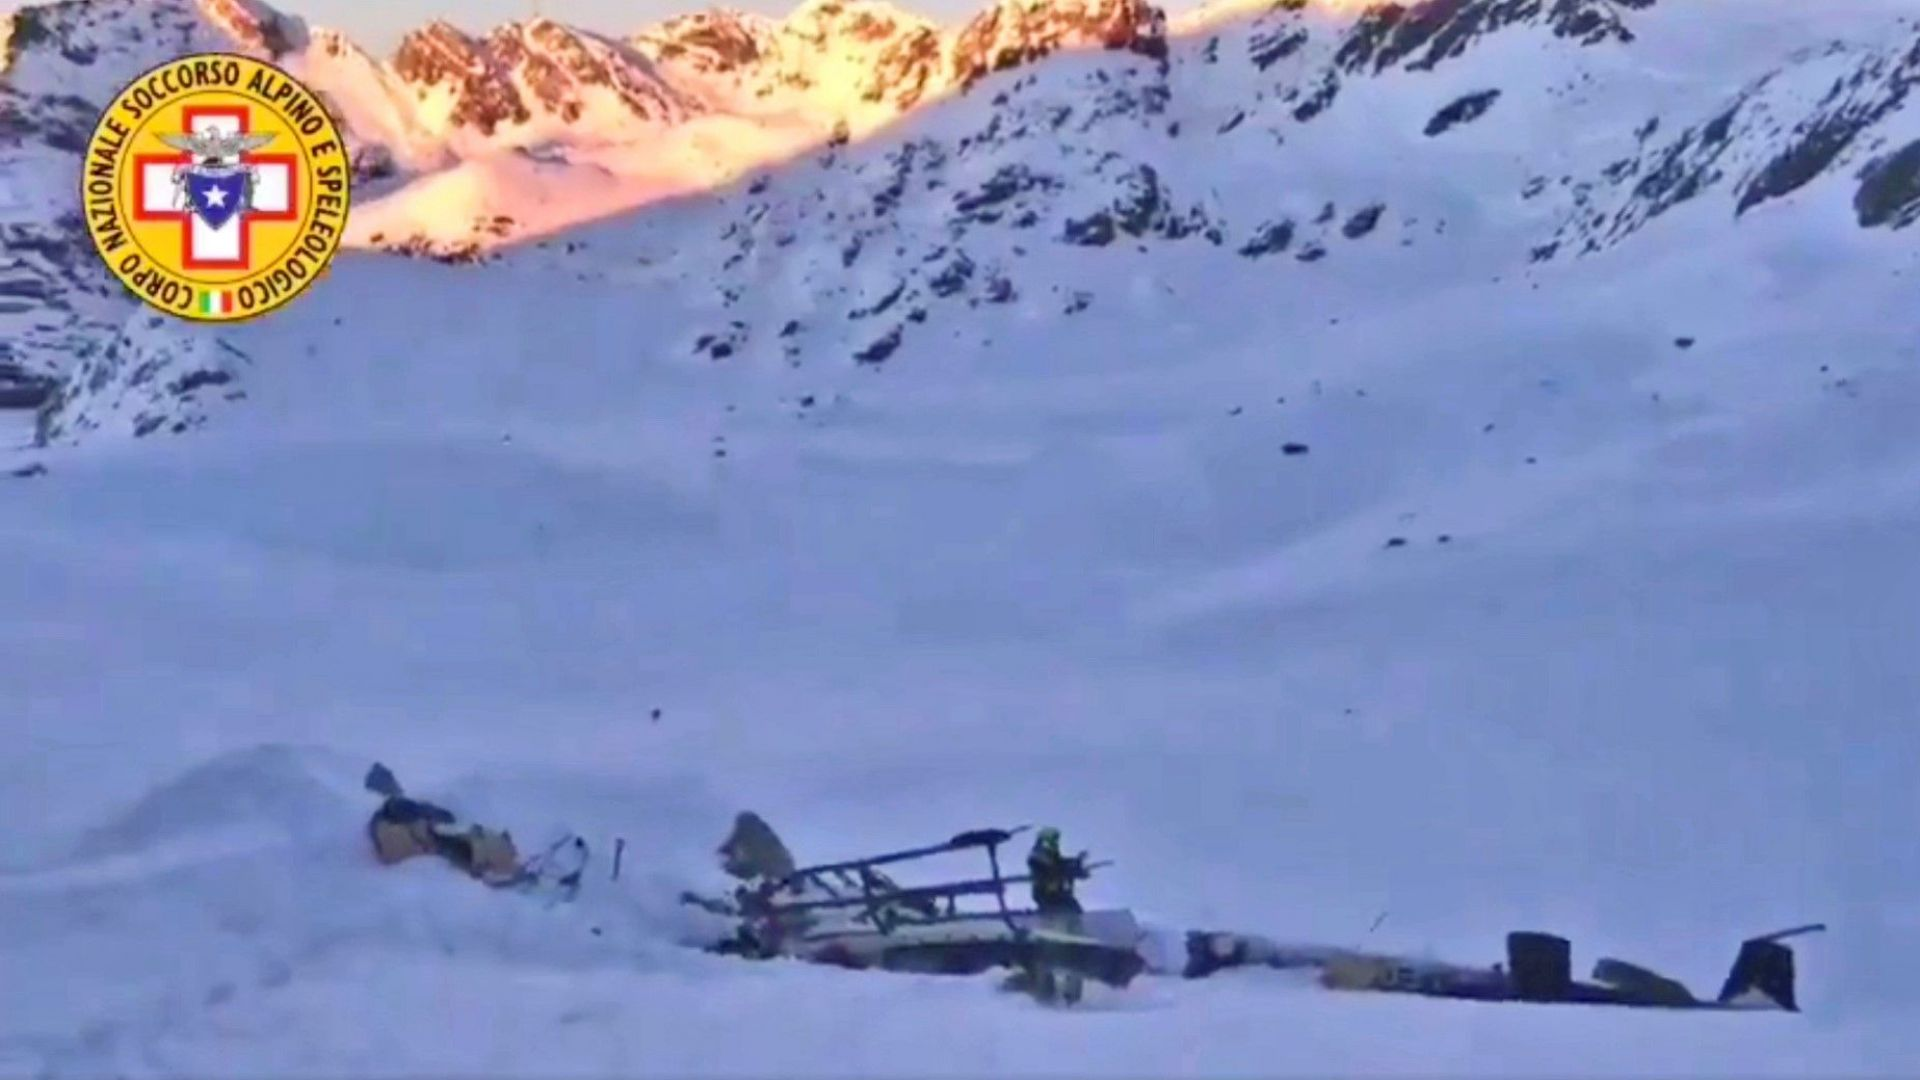 Най-малко четирима са загинали при сблъсък  на хеликоптер с лек самолет